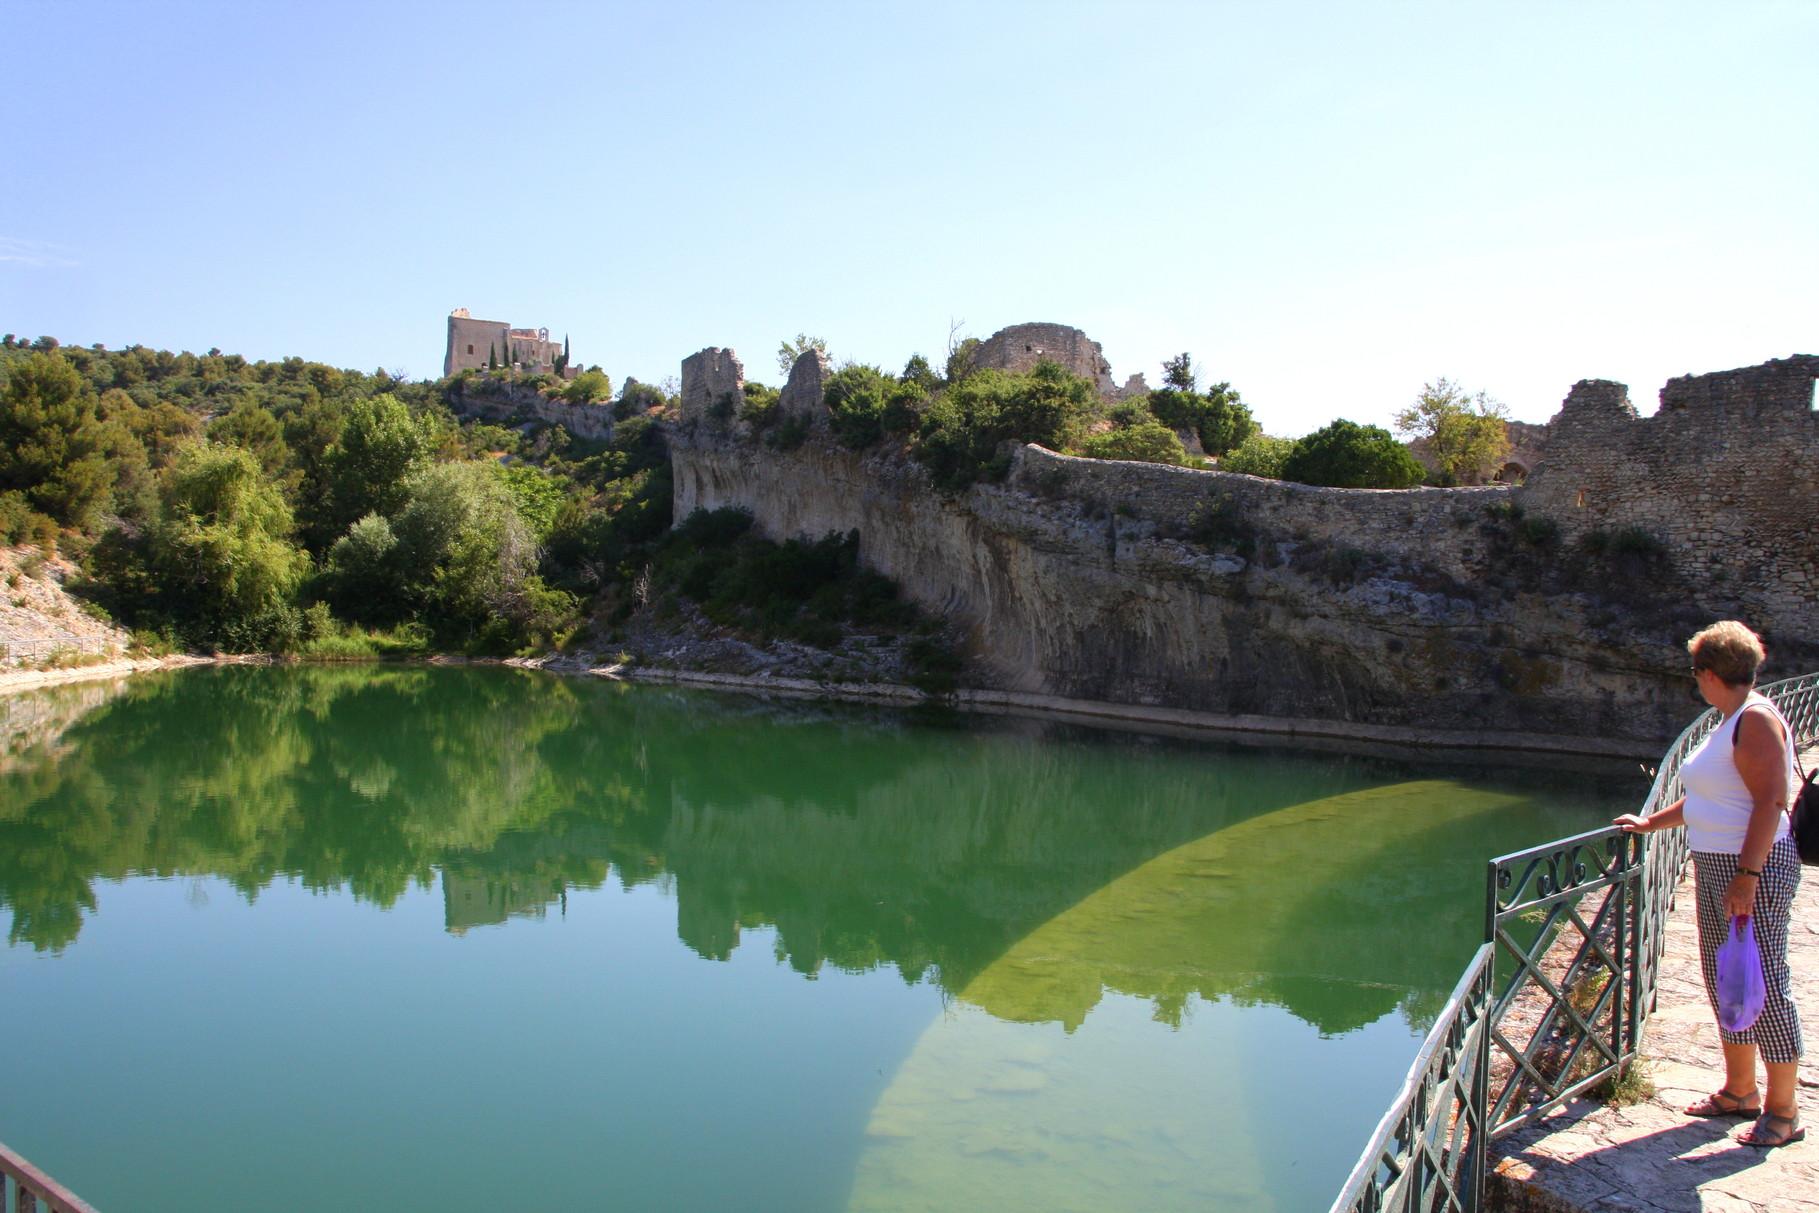 Bild: Stausee mit Blick auf die Schlossruine Saint-Saturnin-les-Apt